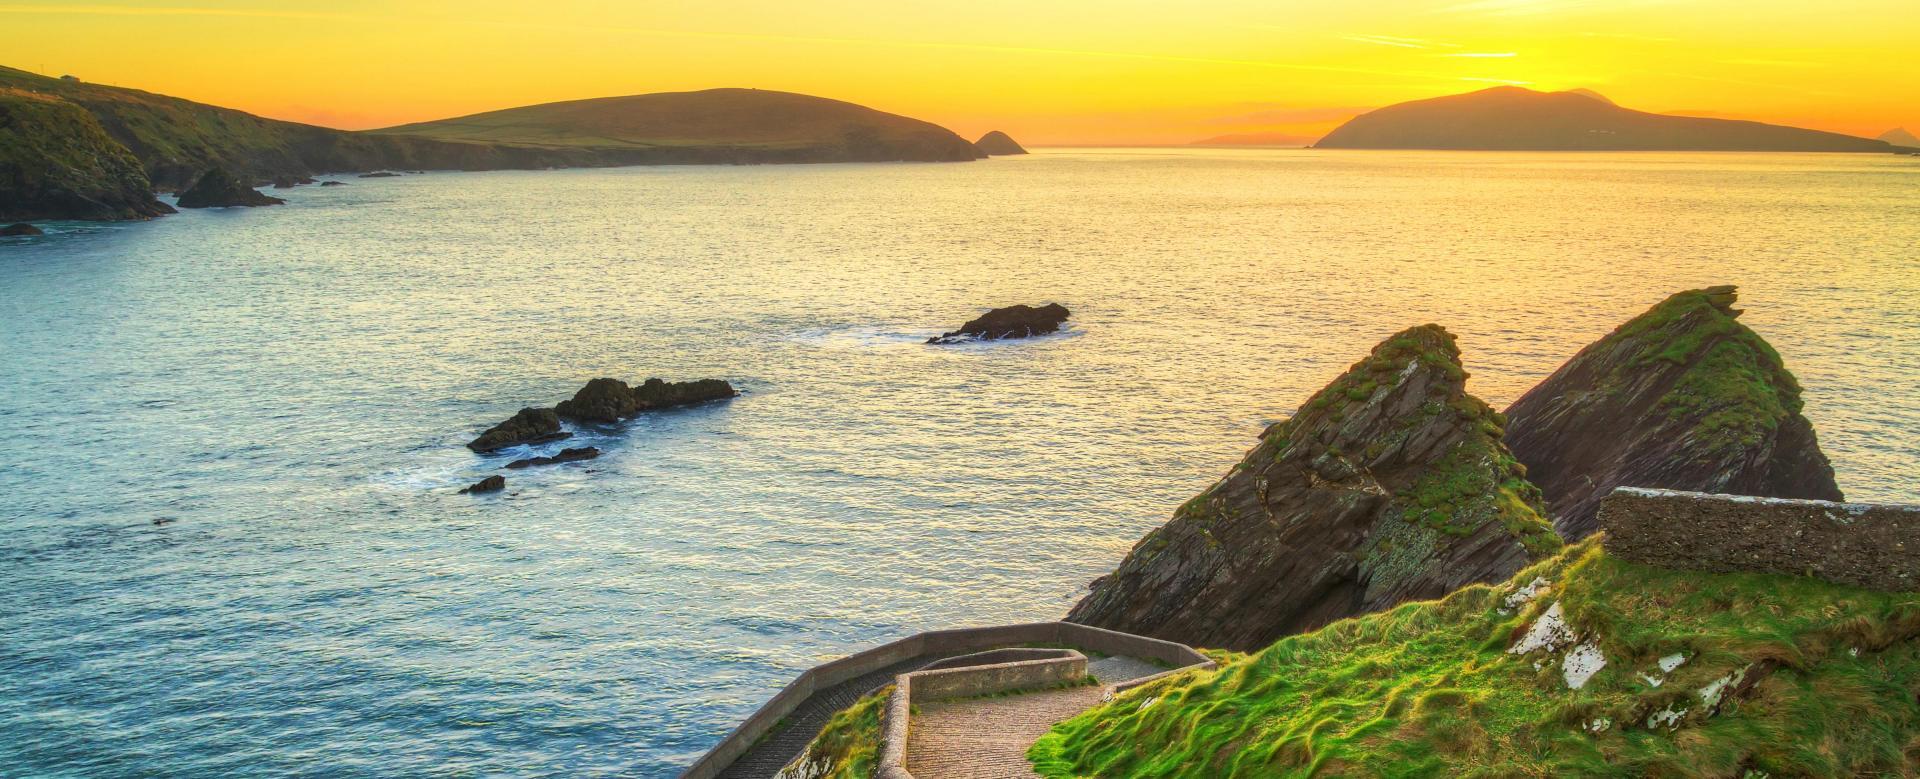 Voyage à pied Irlande : Irlande, échos de la lande